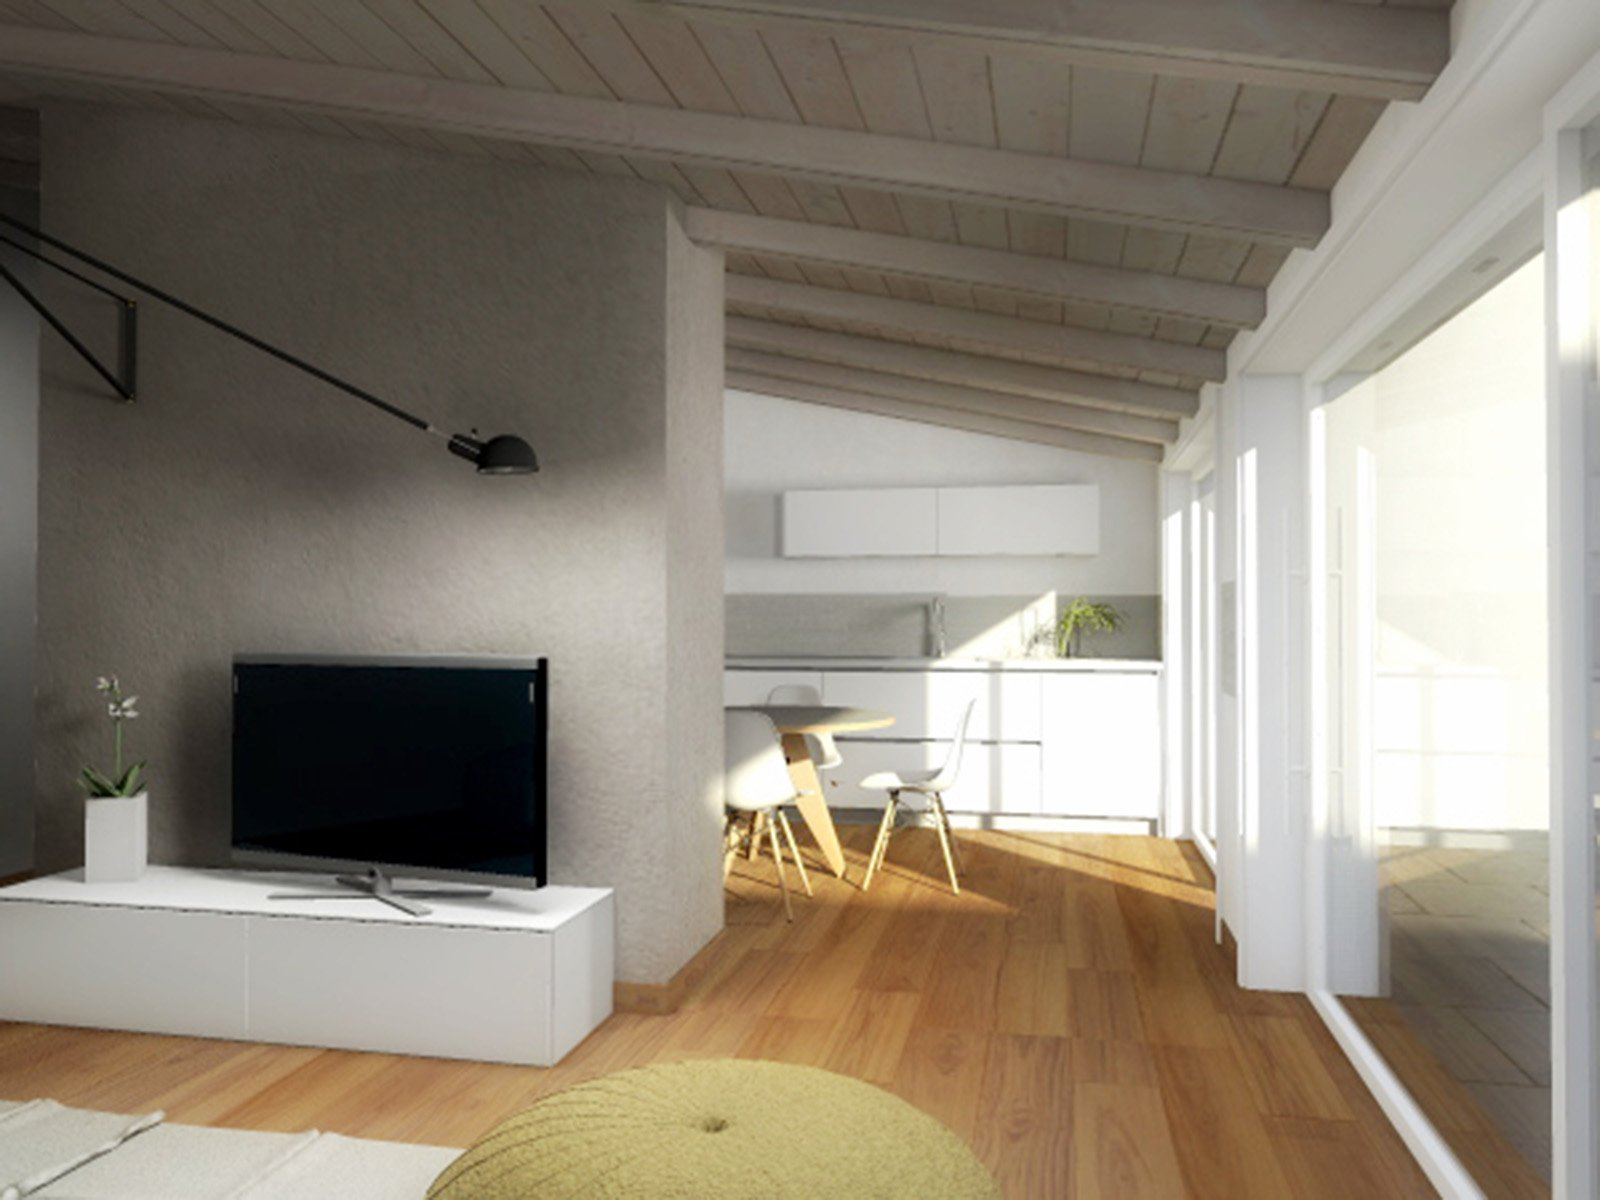 Mansarda: una casa sottotetto luminosa e contemporanea - Cose di Casa